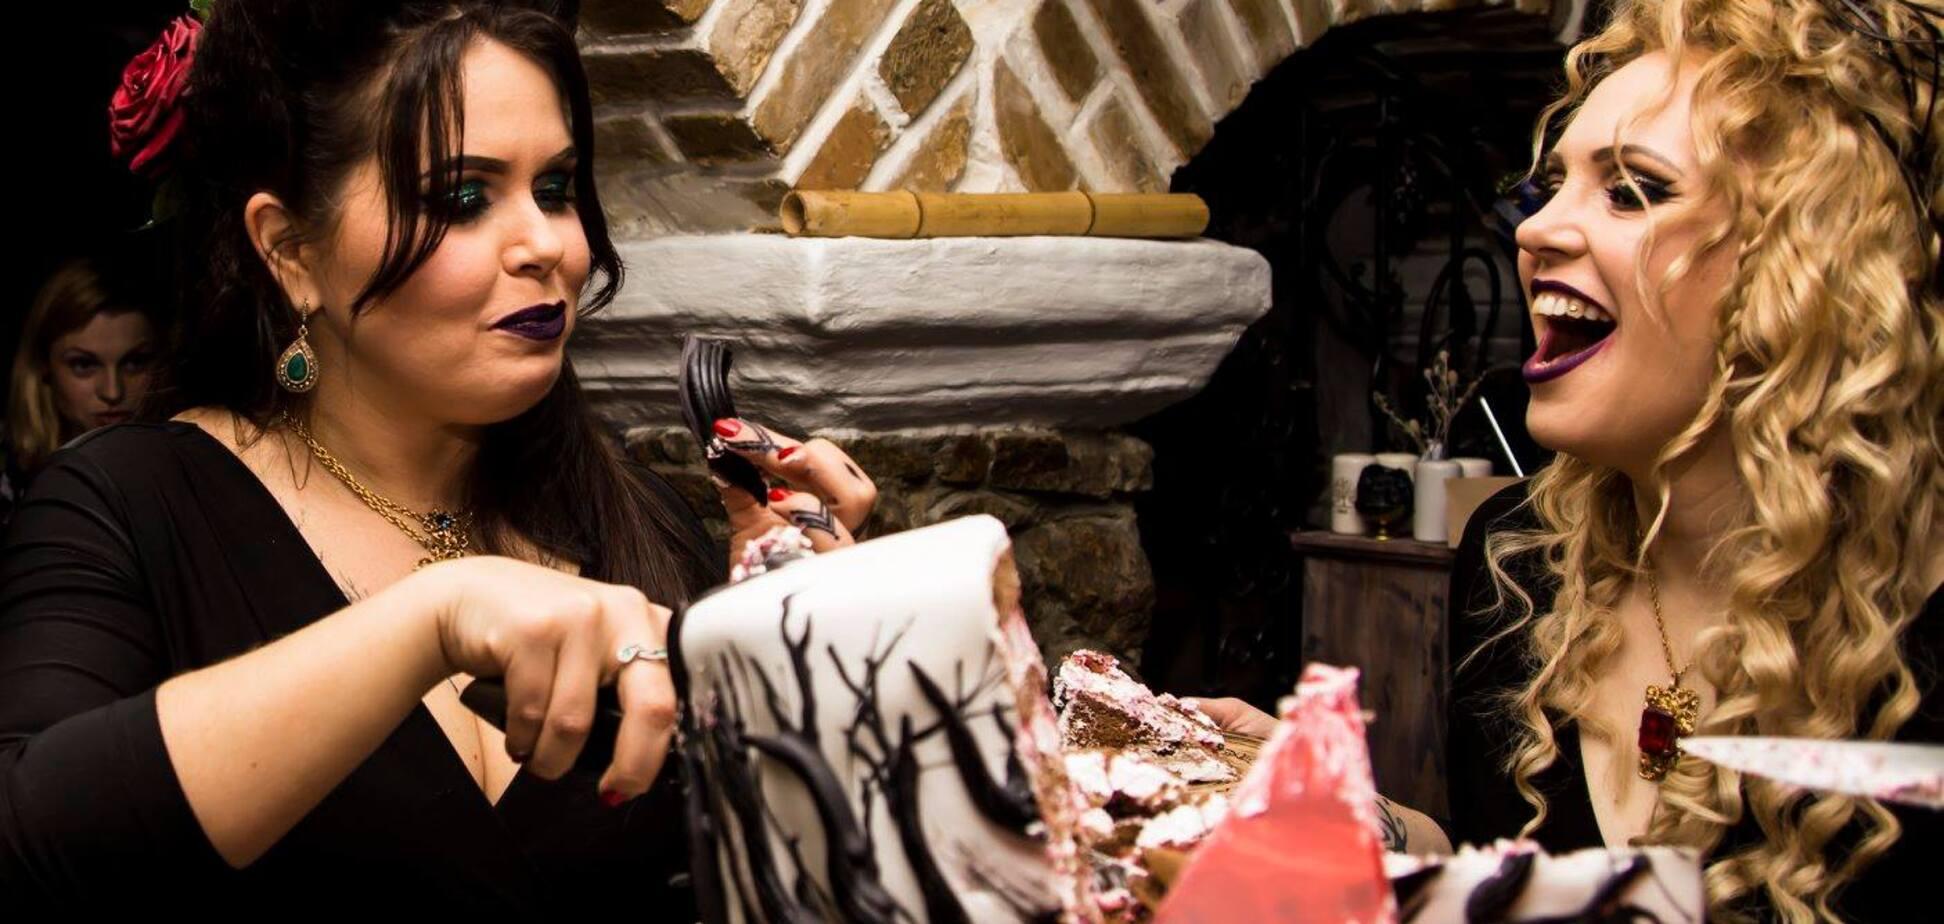 'Ходила по подсобным помещениям и услышала вой', - киевские ведьмы о работе в мистическом месте